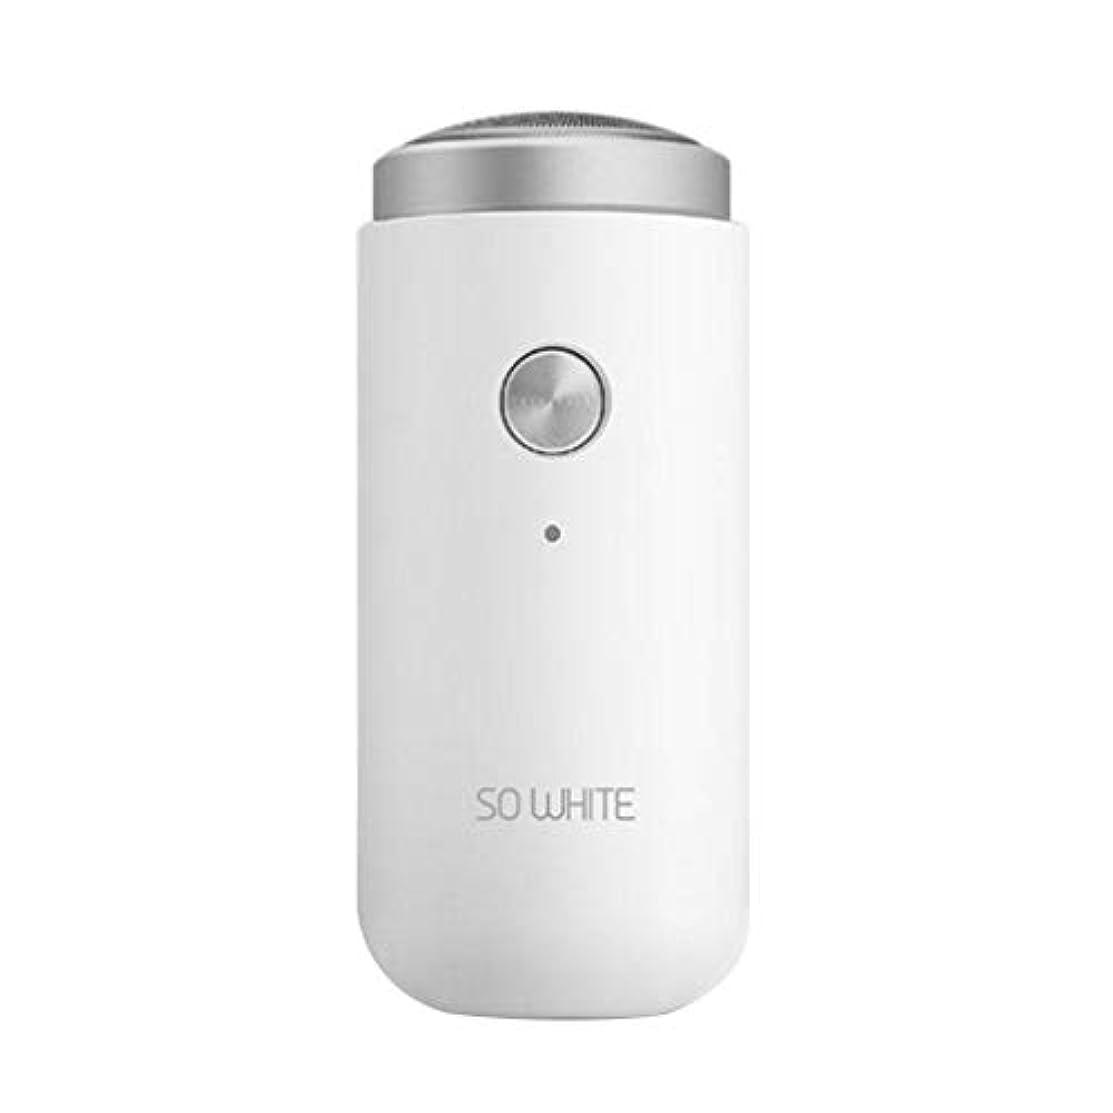 実質的にバング管理しますA69Qホワイトミニポータブル電気シェーバー メンズ 防水 USB充電 ひげそり 電気カミソリ 水洗い お風呂剃り可 ウェット ドライに適用 (ホワイト)